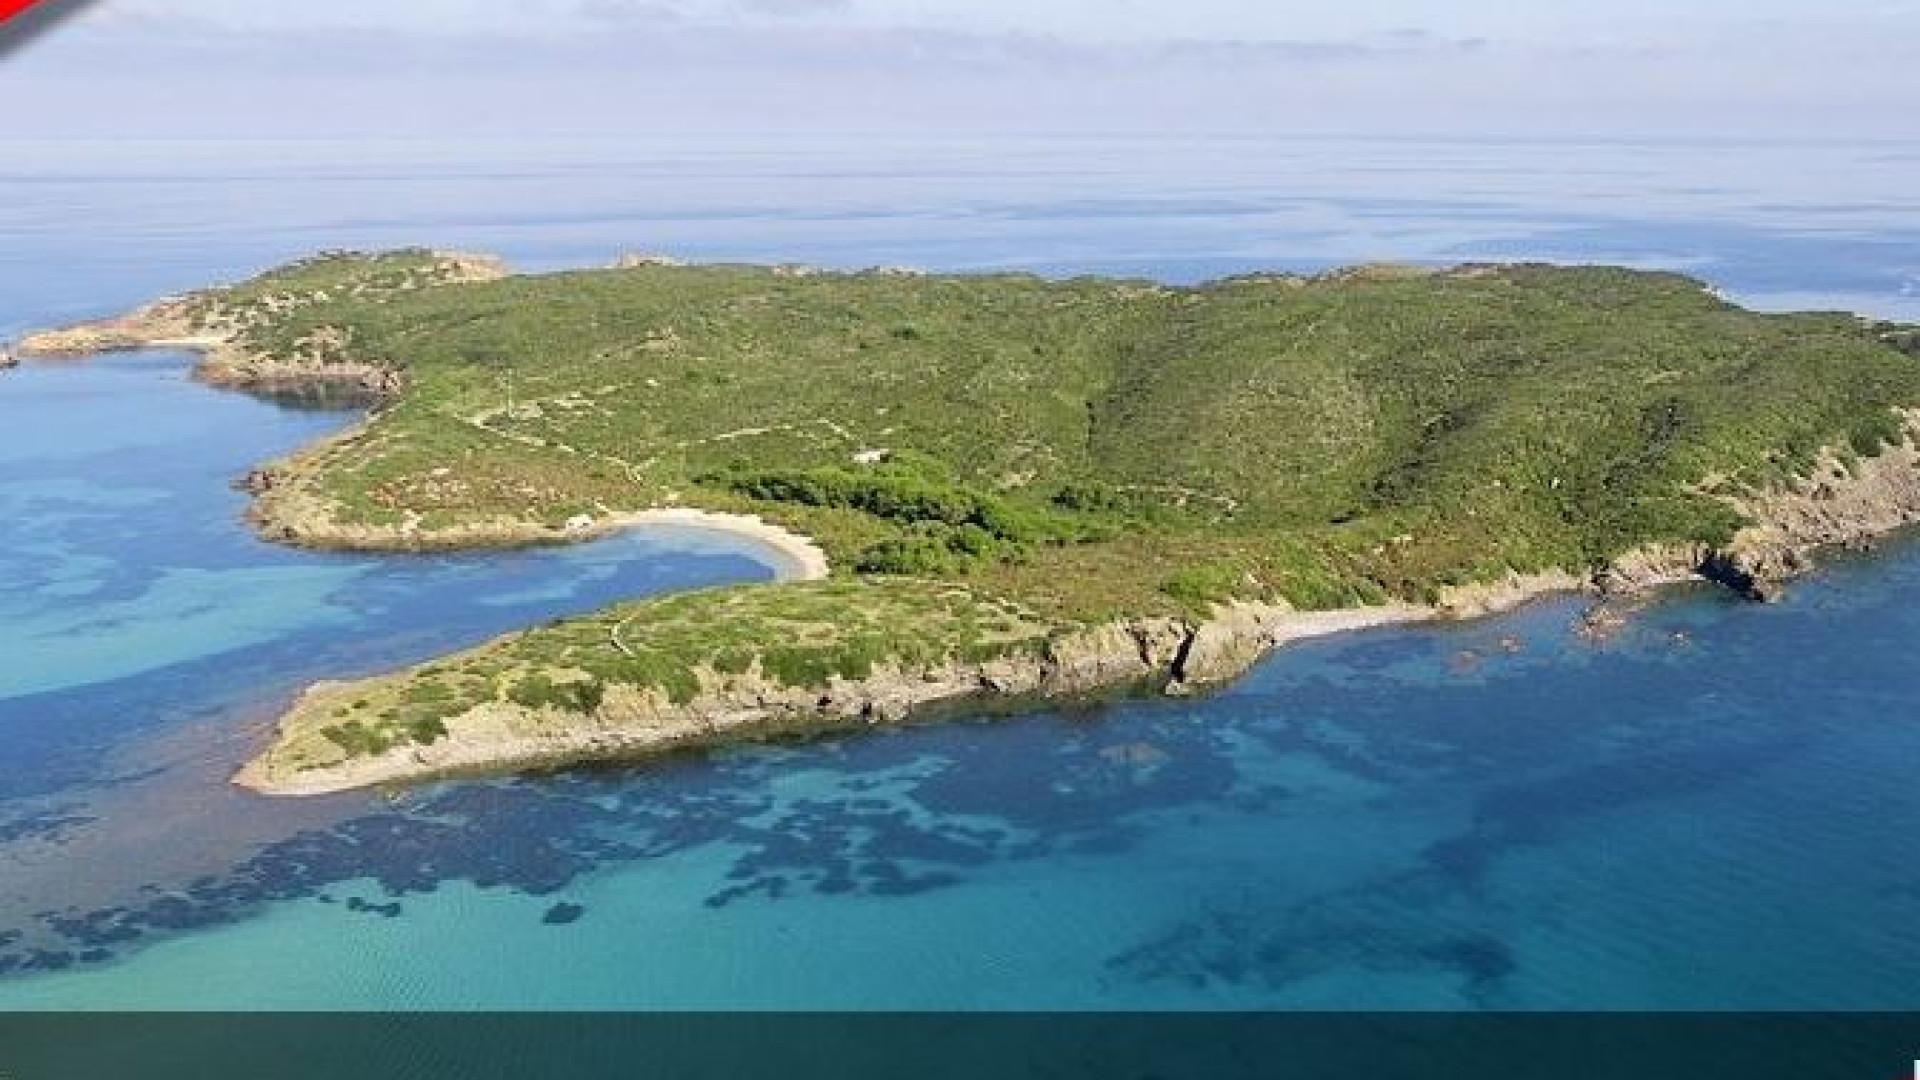 Esta ilha espanhola foi vendida (com desconto) por 3,2 milhões de euros